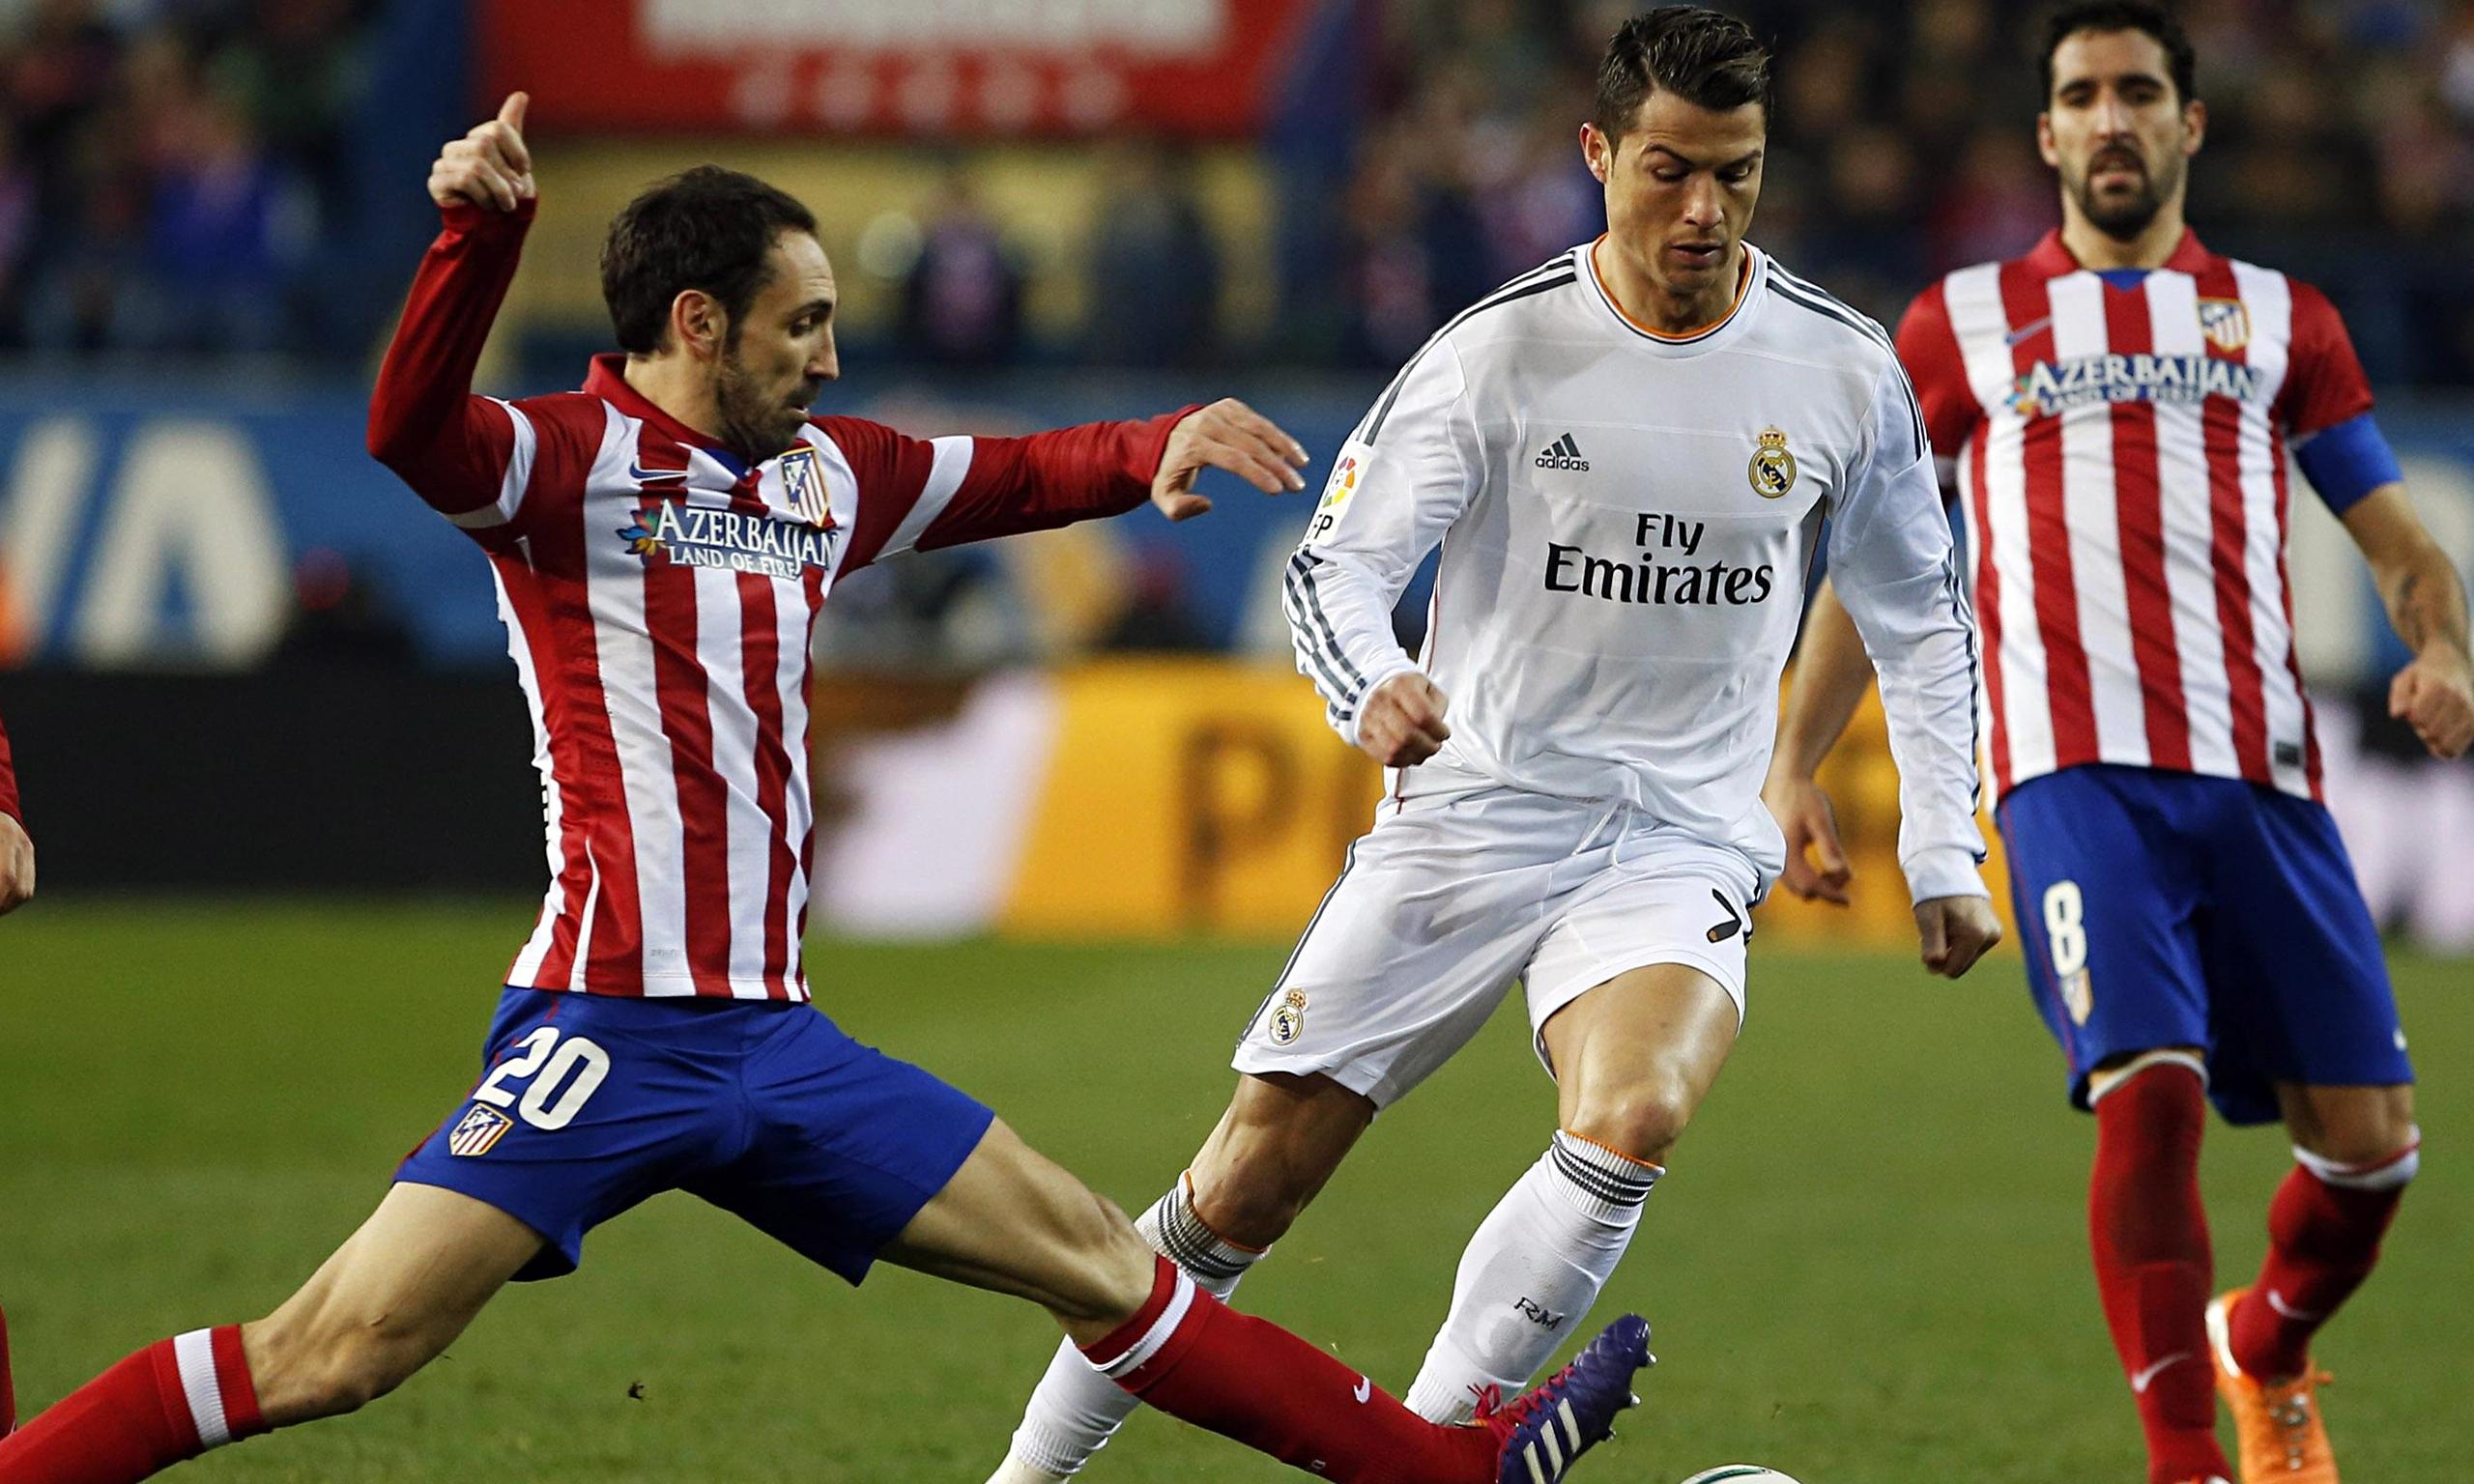 Liga: derby di Madrid, la sfida continua